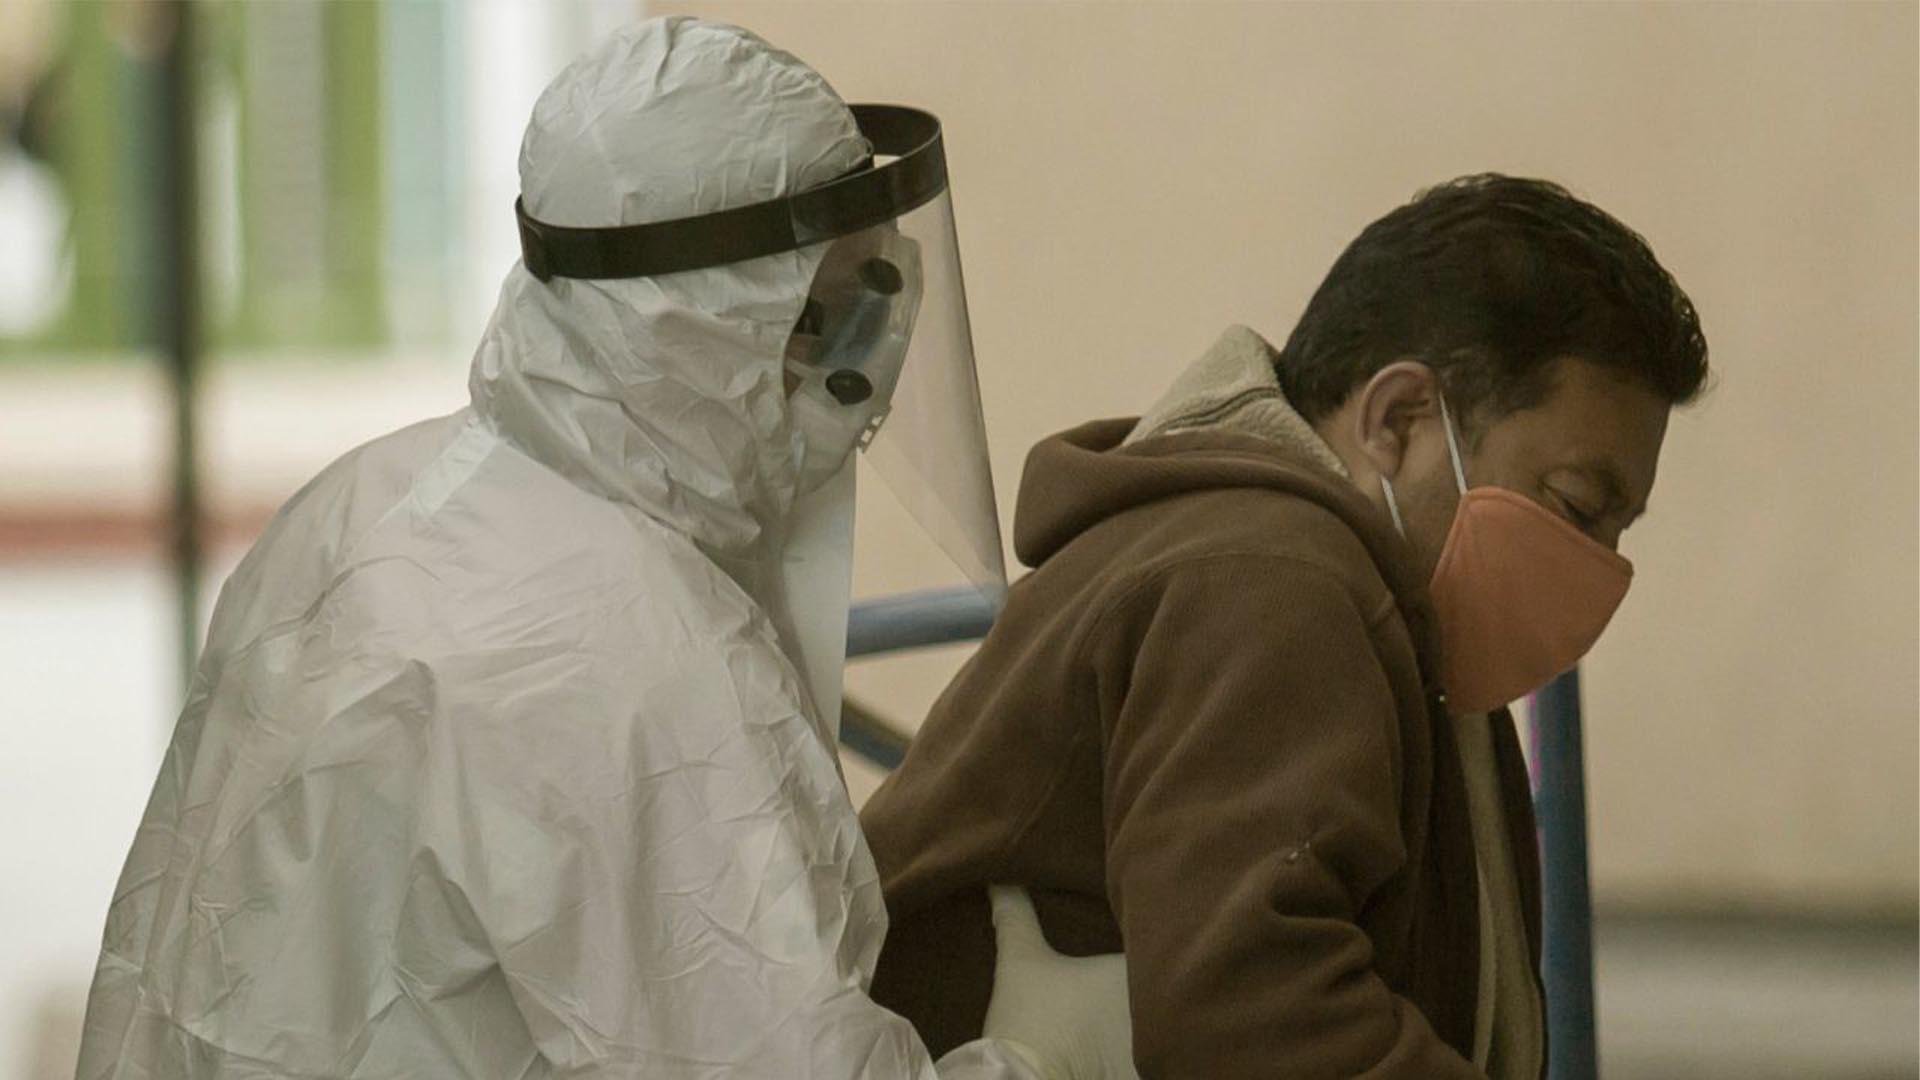 Un hombre con síntomas de COVID-19 es ingresado a la zona de urgencias de la Clínica Uno del IMSS para ser internado, después de haber sido evaluado por paramédicos de la Cruz Roja (Foto: Cuartoscuro/Omar Martínez)